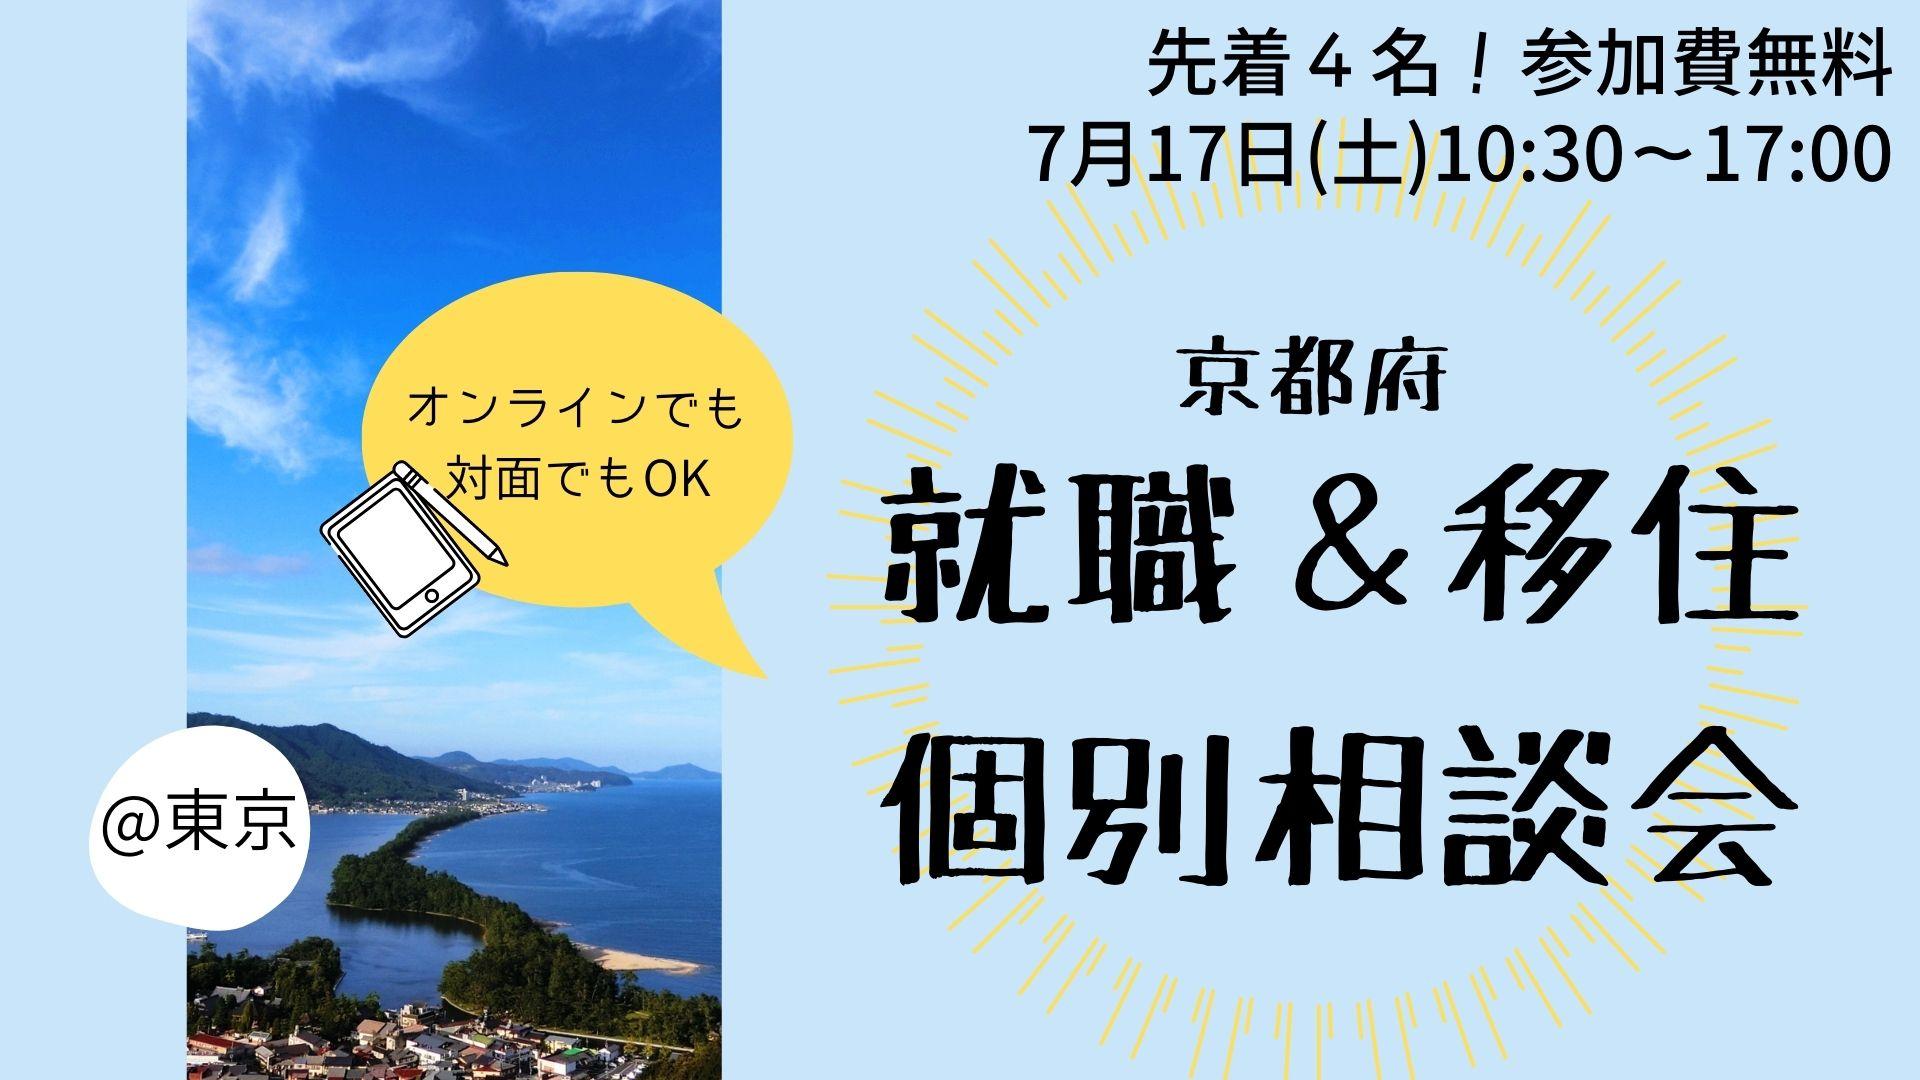 就職&移住個別相談会 vol.2リアル@東京/オンライン